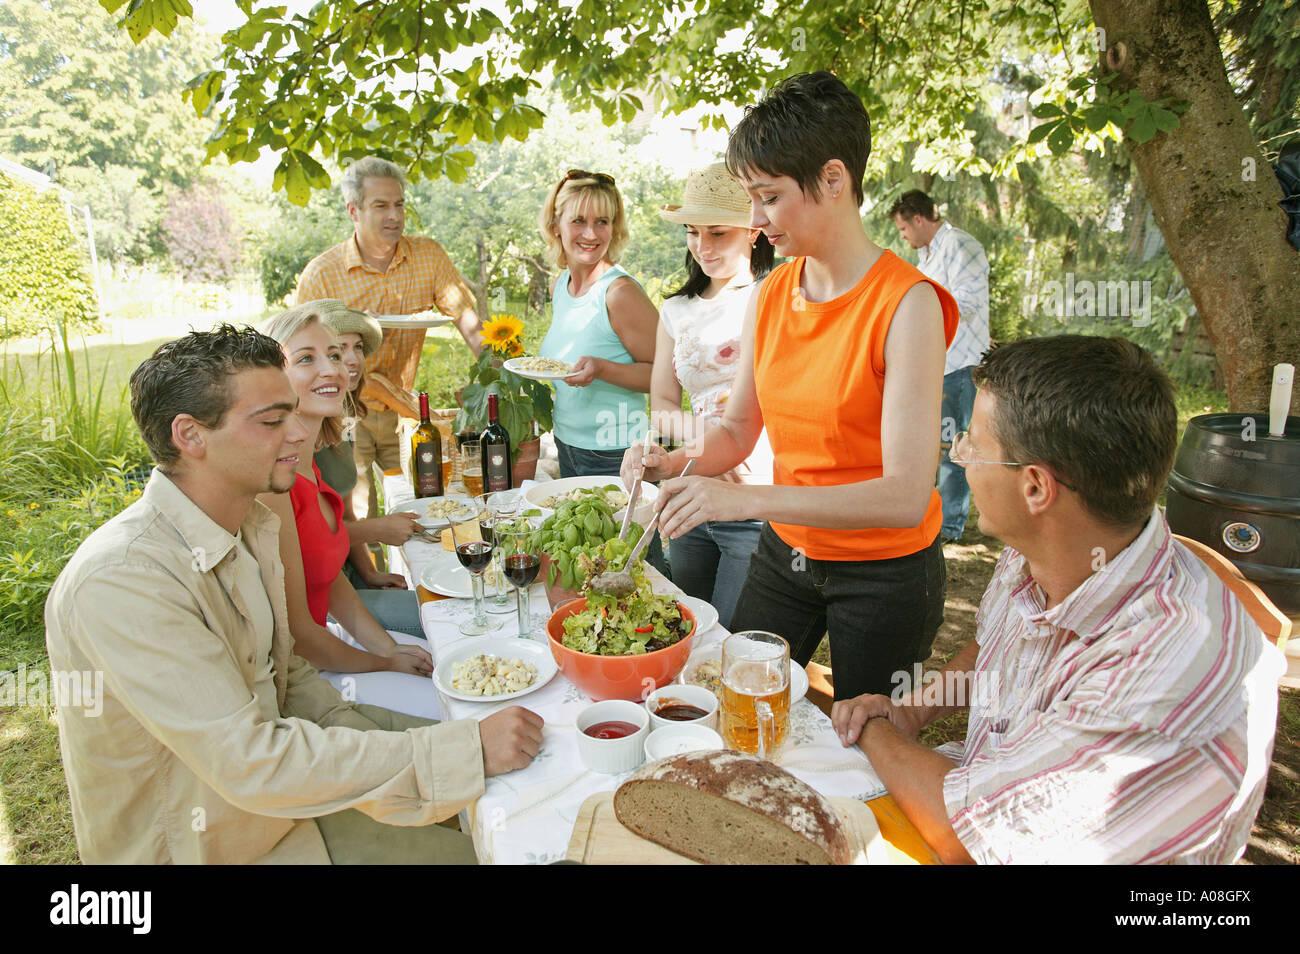 Froehliche leute auf einer gartenparty happy people at a - Gartenparty essen ...